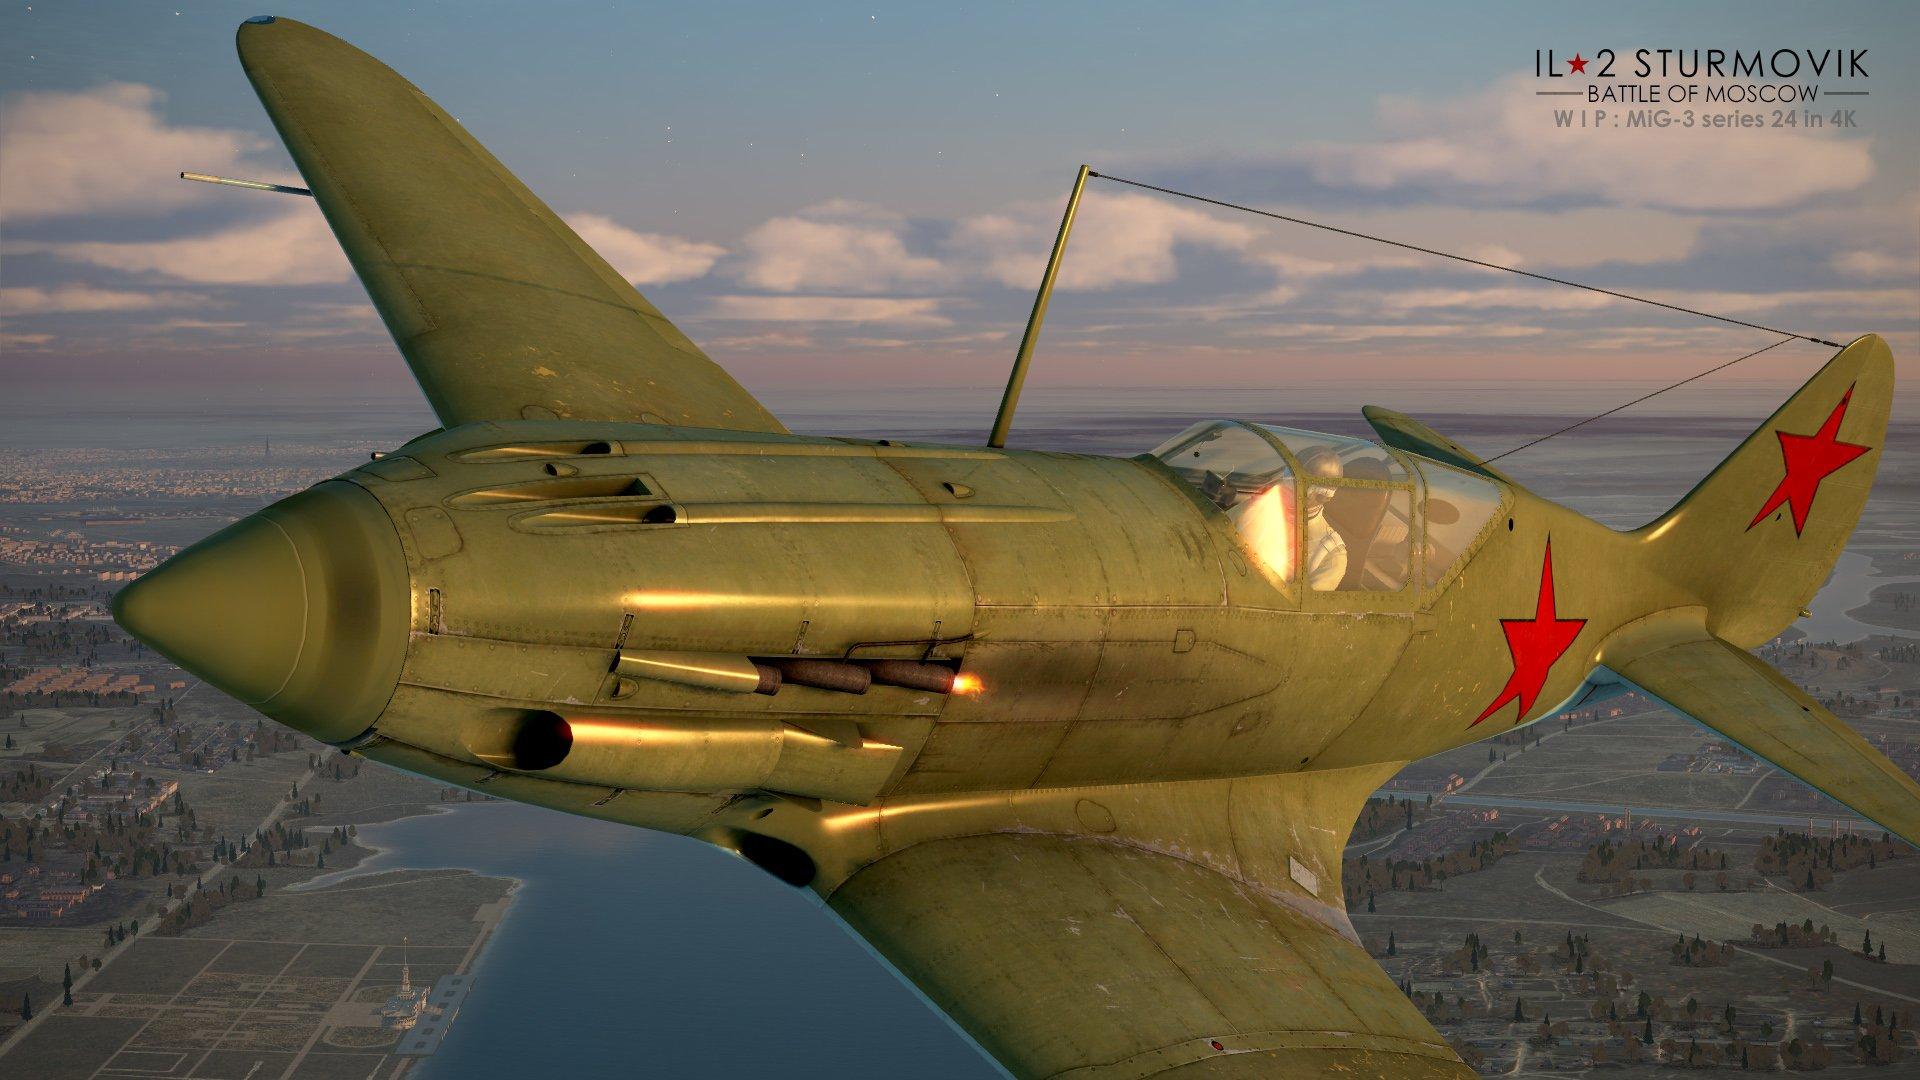 forum.il2sturmovik.com/uploads/monthly_2020_02/MiG3_2.jpg.39f0f68837706ec4d68786d9cdfbe2eb.jpg